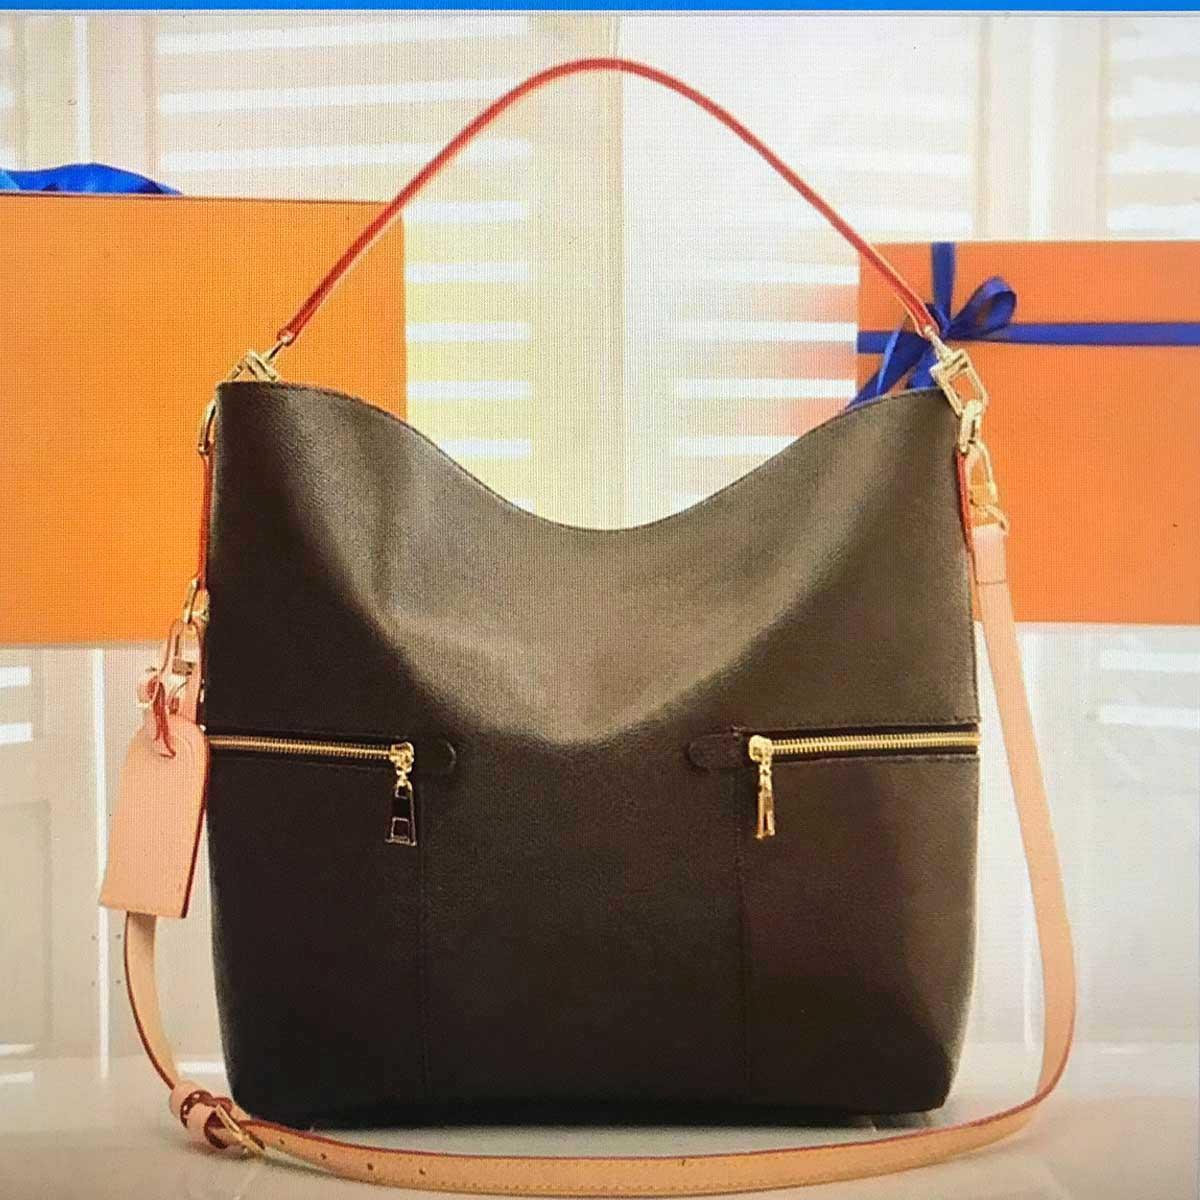 Bags M41544 Große Handtaschen Melie Klassische Mode Totes Leder OIACB Taschen Geldbörse Tasche Designer Einkaufen Abendessen Schulter Frauen Luxurys HXFVs